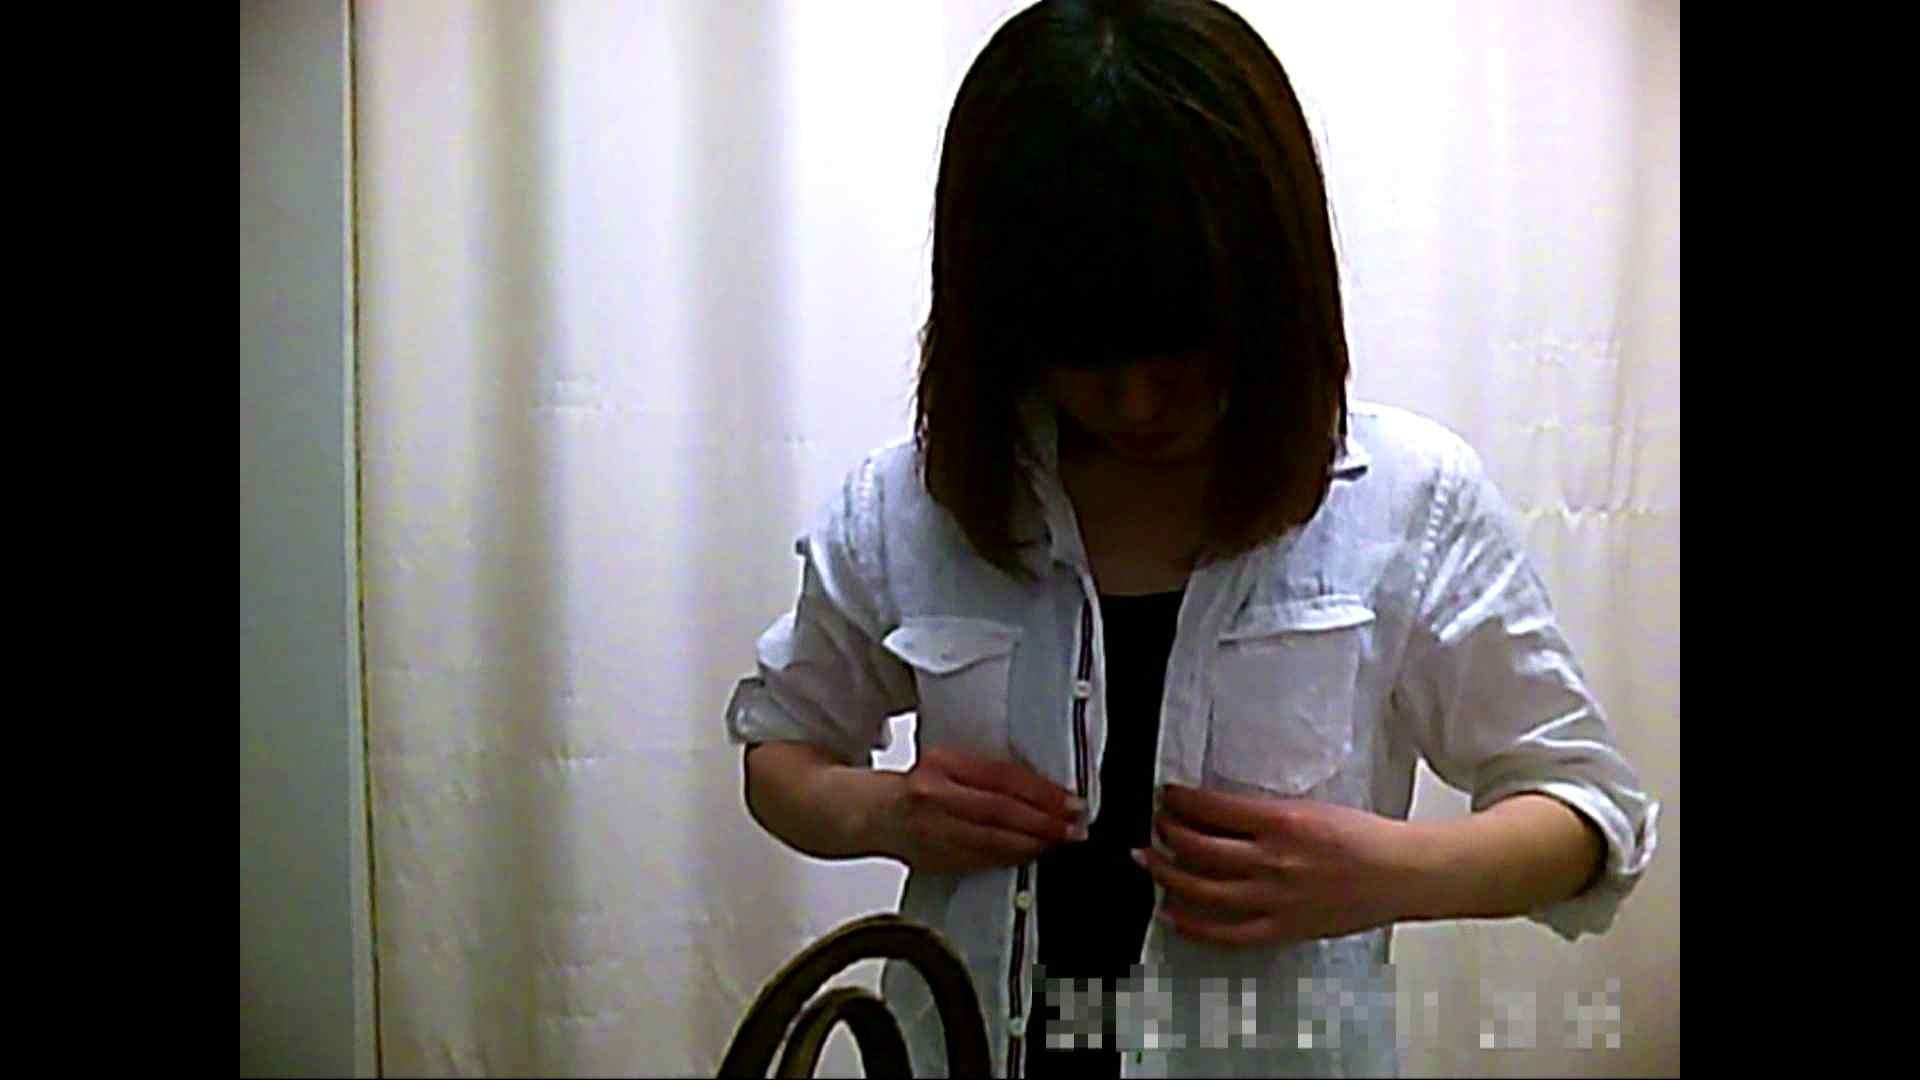 元医者による反抗 更衣室地獄絵巻 vol.004 OL | 0  84連発 25